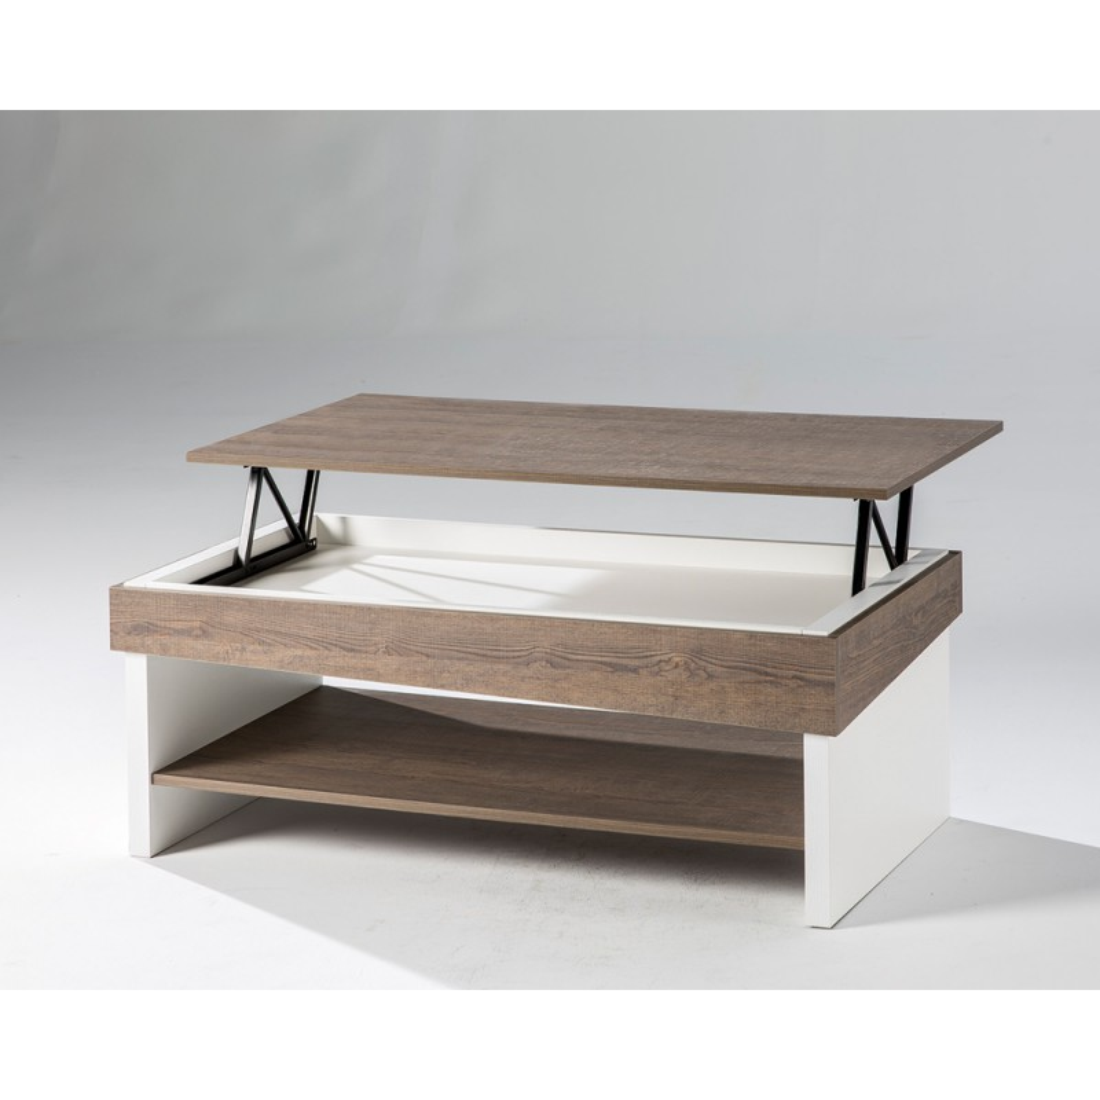 acheter en ligne c268b 929d5 Table basse relevable robuste Chêne foncé BERLIOSE - Univers ...